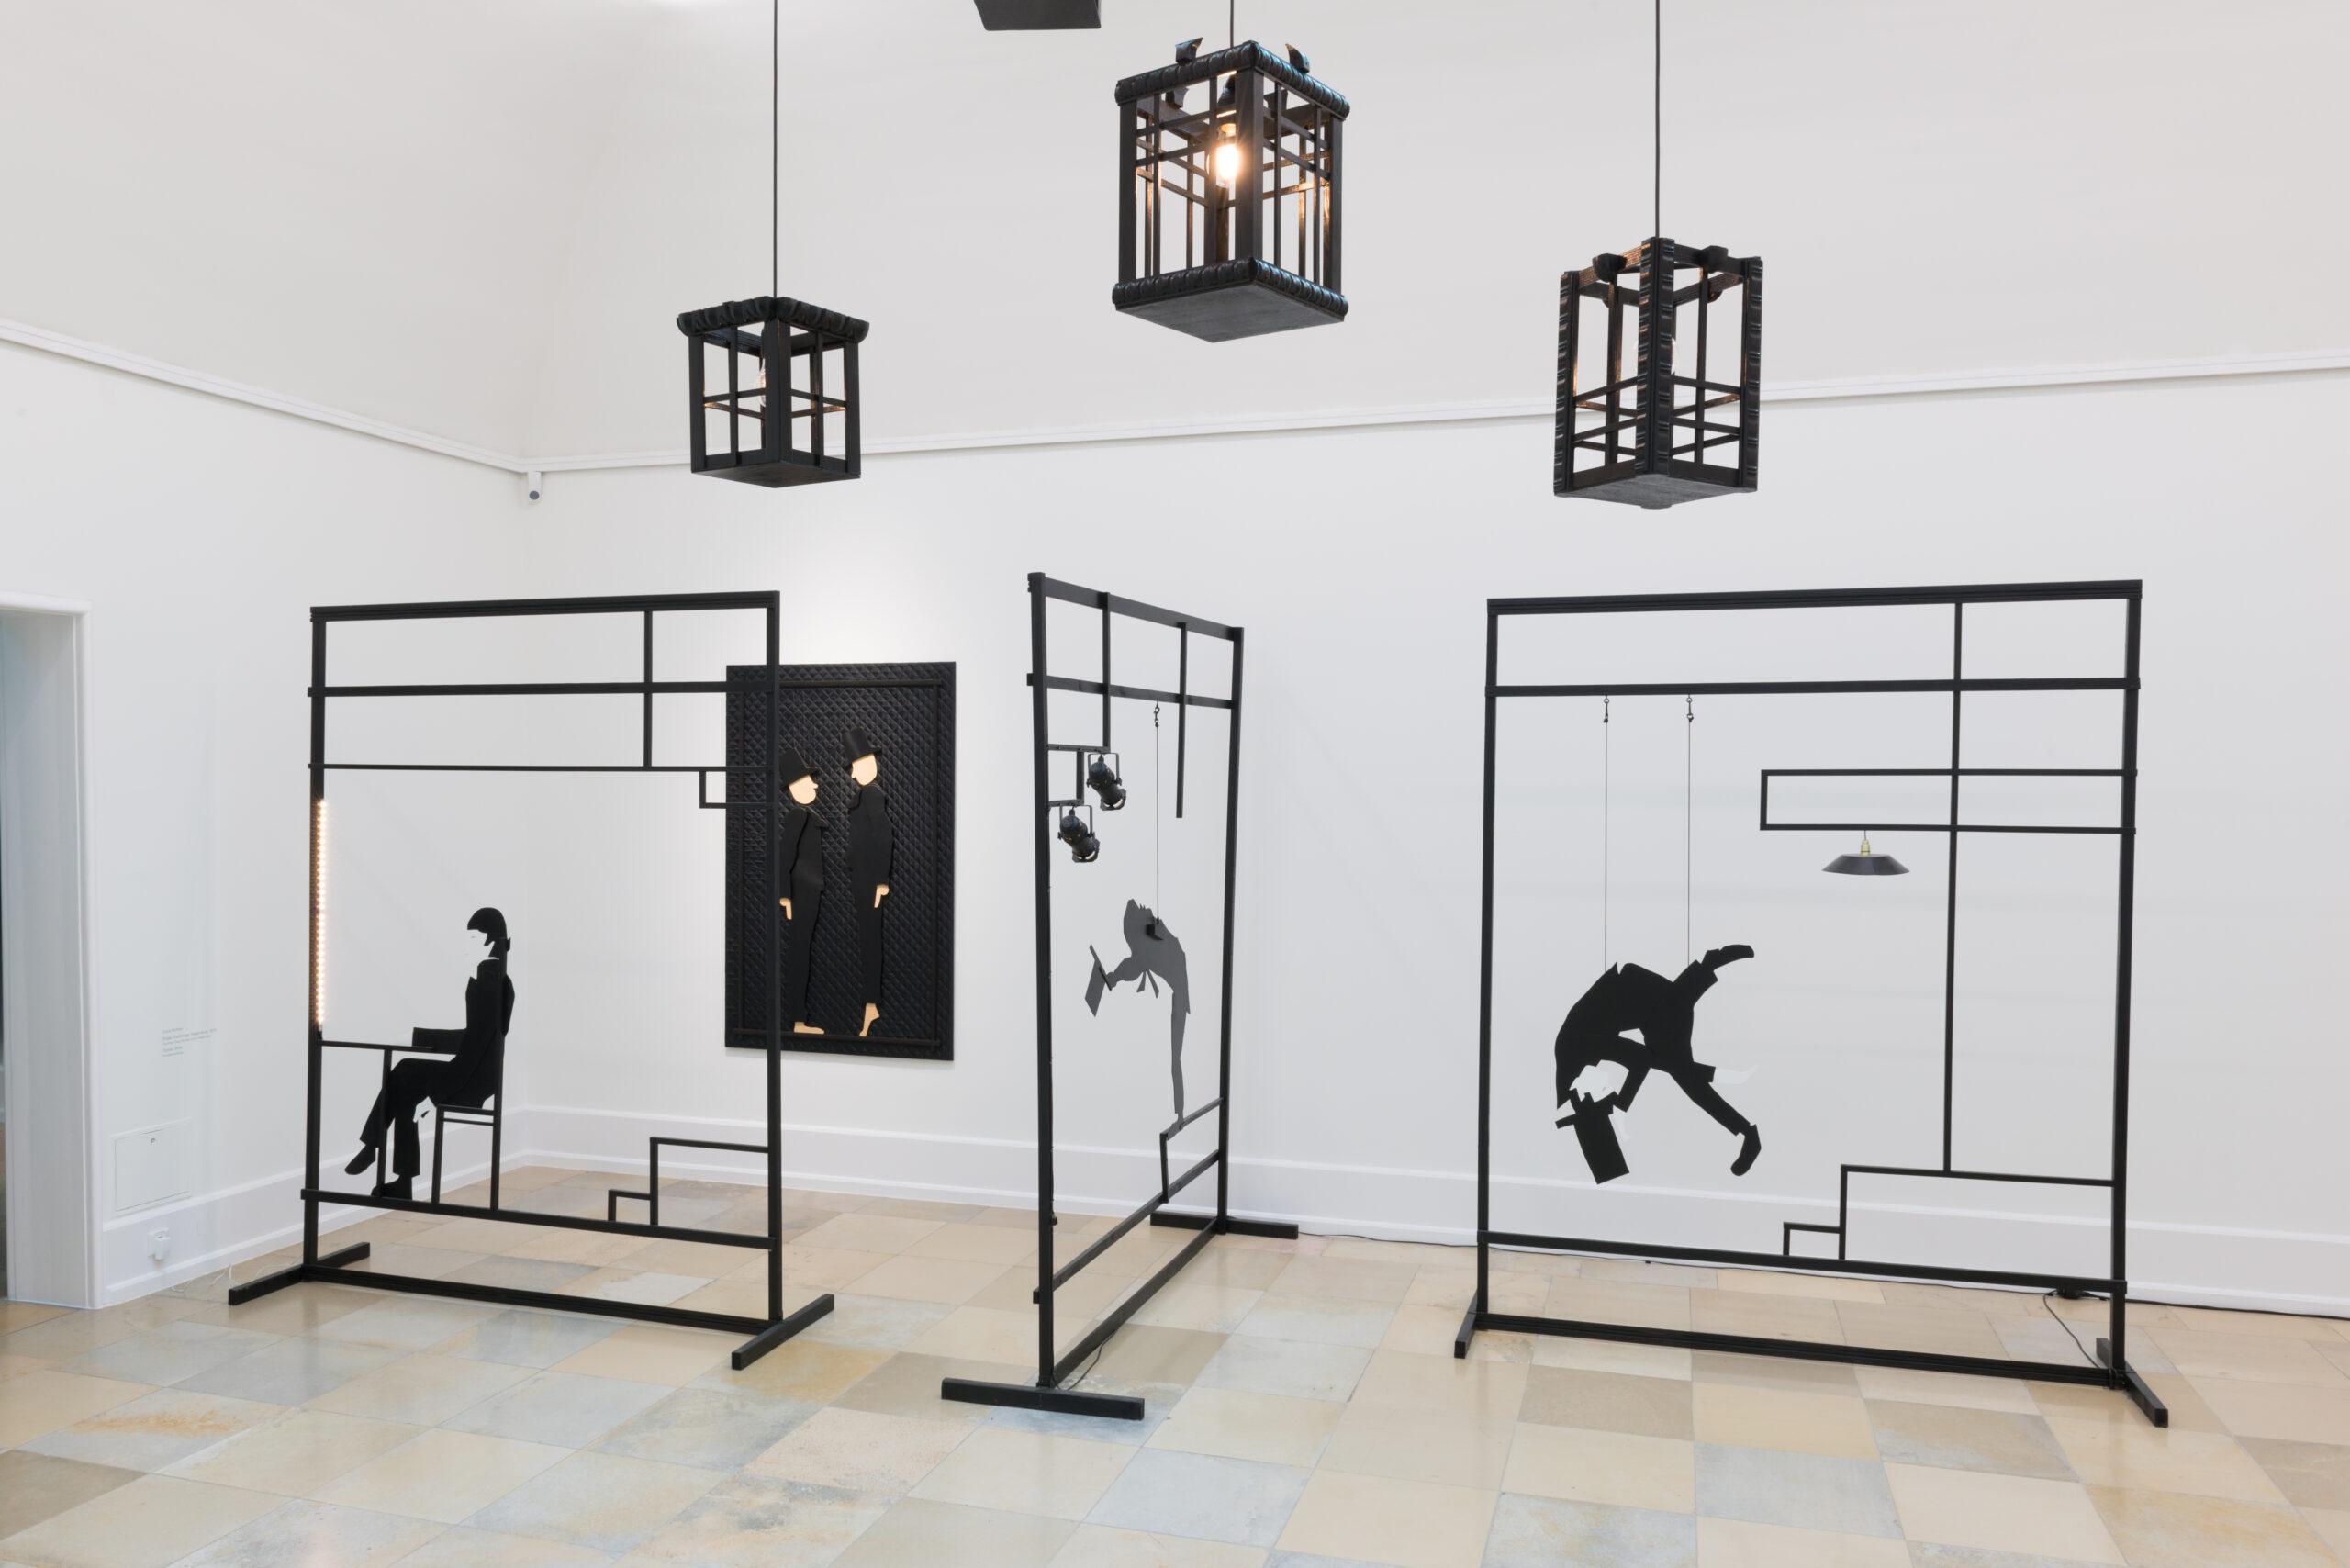 Kunsthalle Nuernberg_Cosima von Bonin_Claus Richter_Annette Kradisch_04